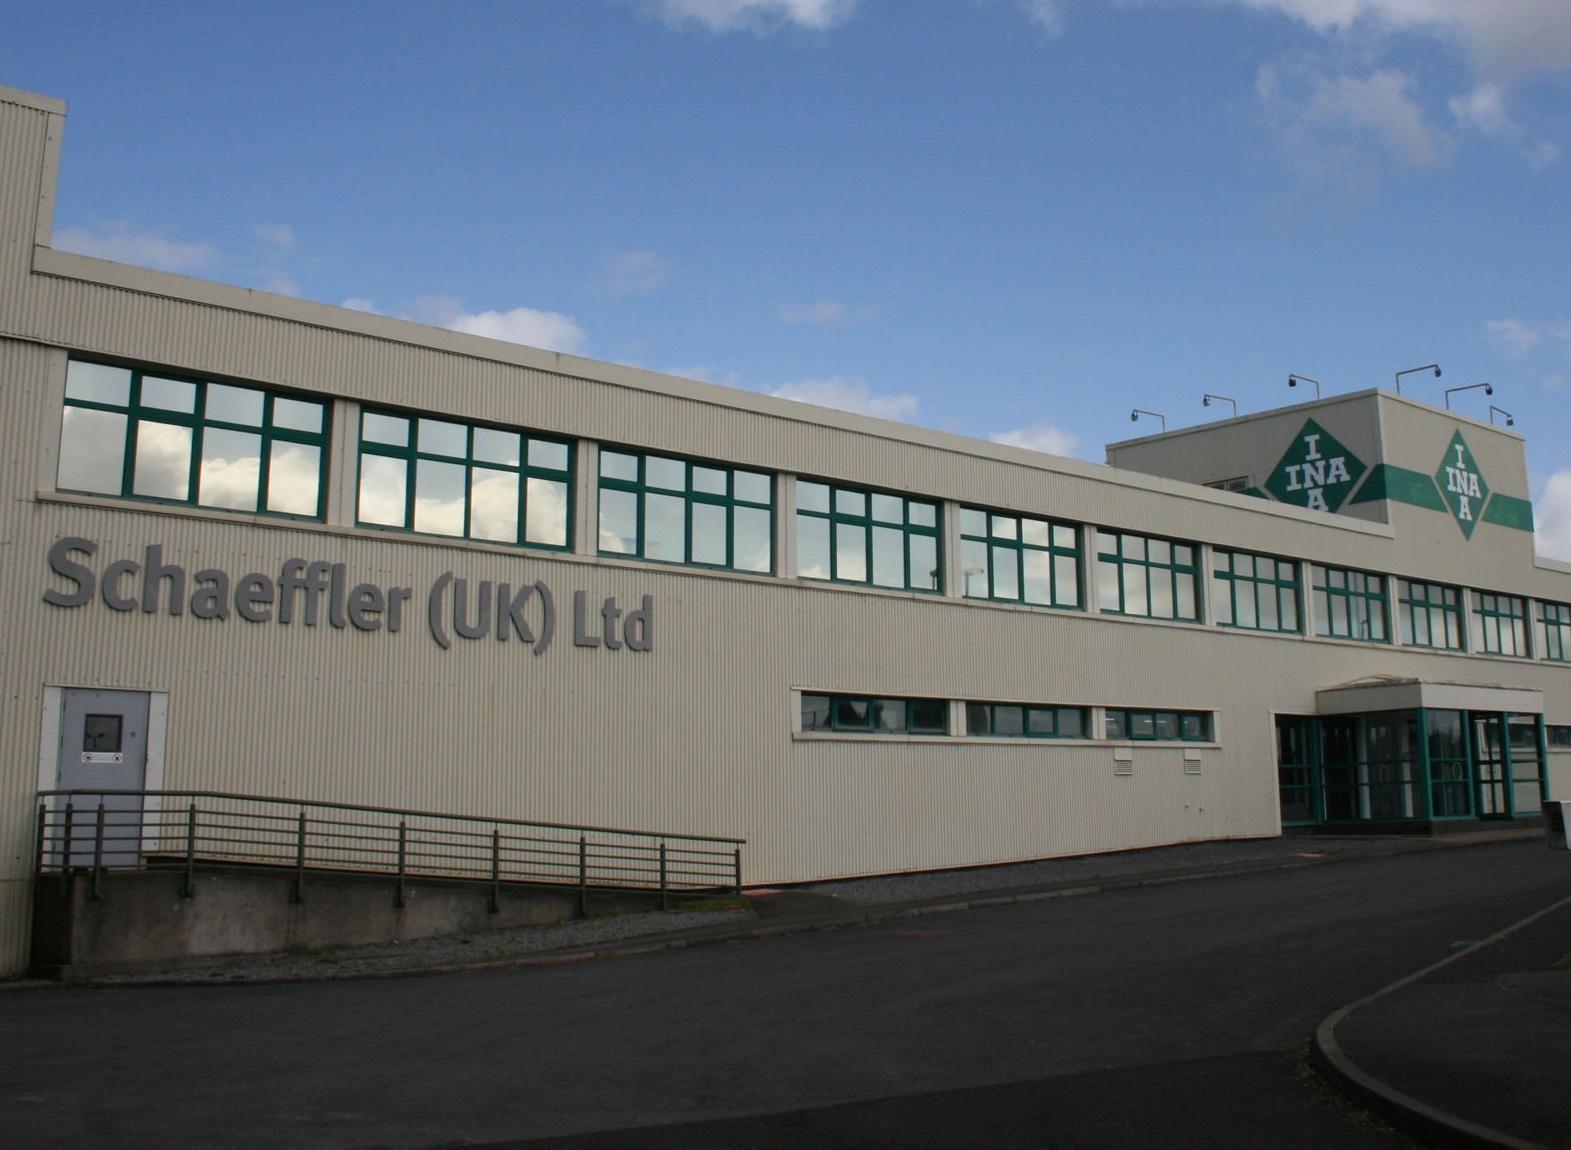 Schaeffler prodao fabriku u Velikoj Britaniji – radna mesta osigurana